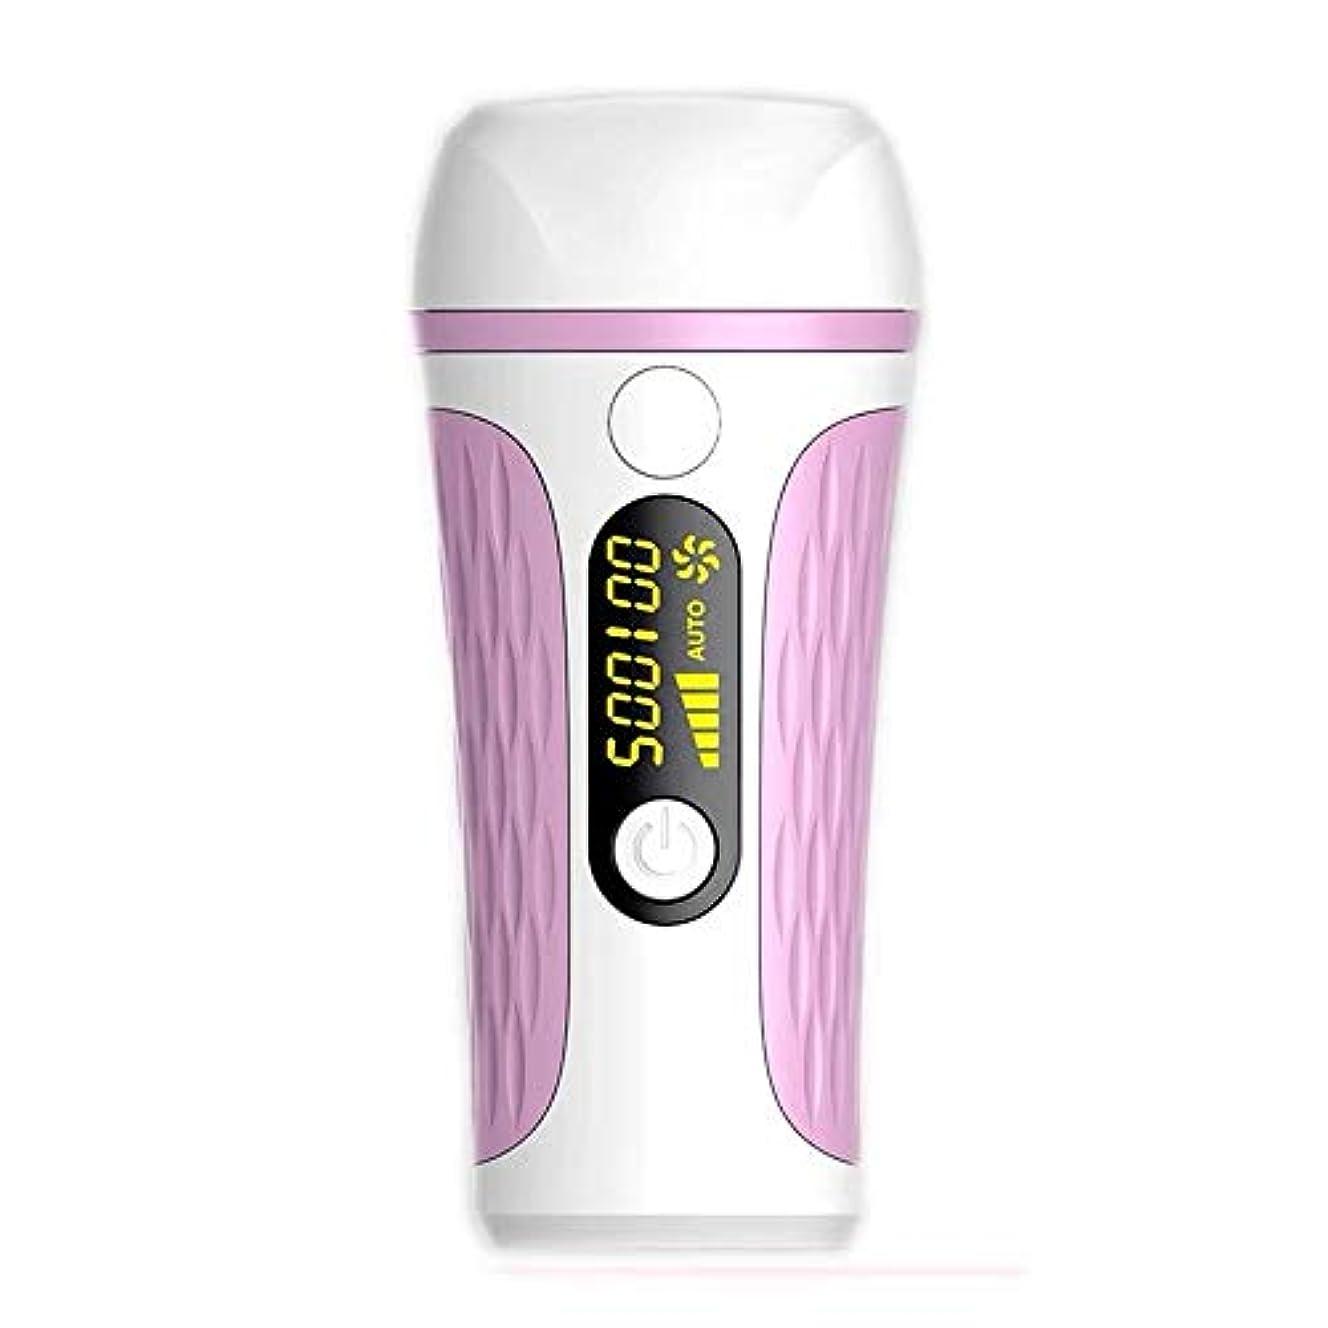 ヒューマニスティックポータル余分な携帯用コールドポイント痛みのない毛の除去剤、自動、手動、2つのモード、LCDディスプレイ、5スピード調整、サイズ14.5 X 6.7 X 19 Cm 髪以外はきれい